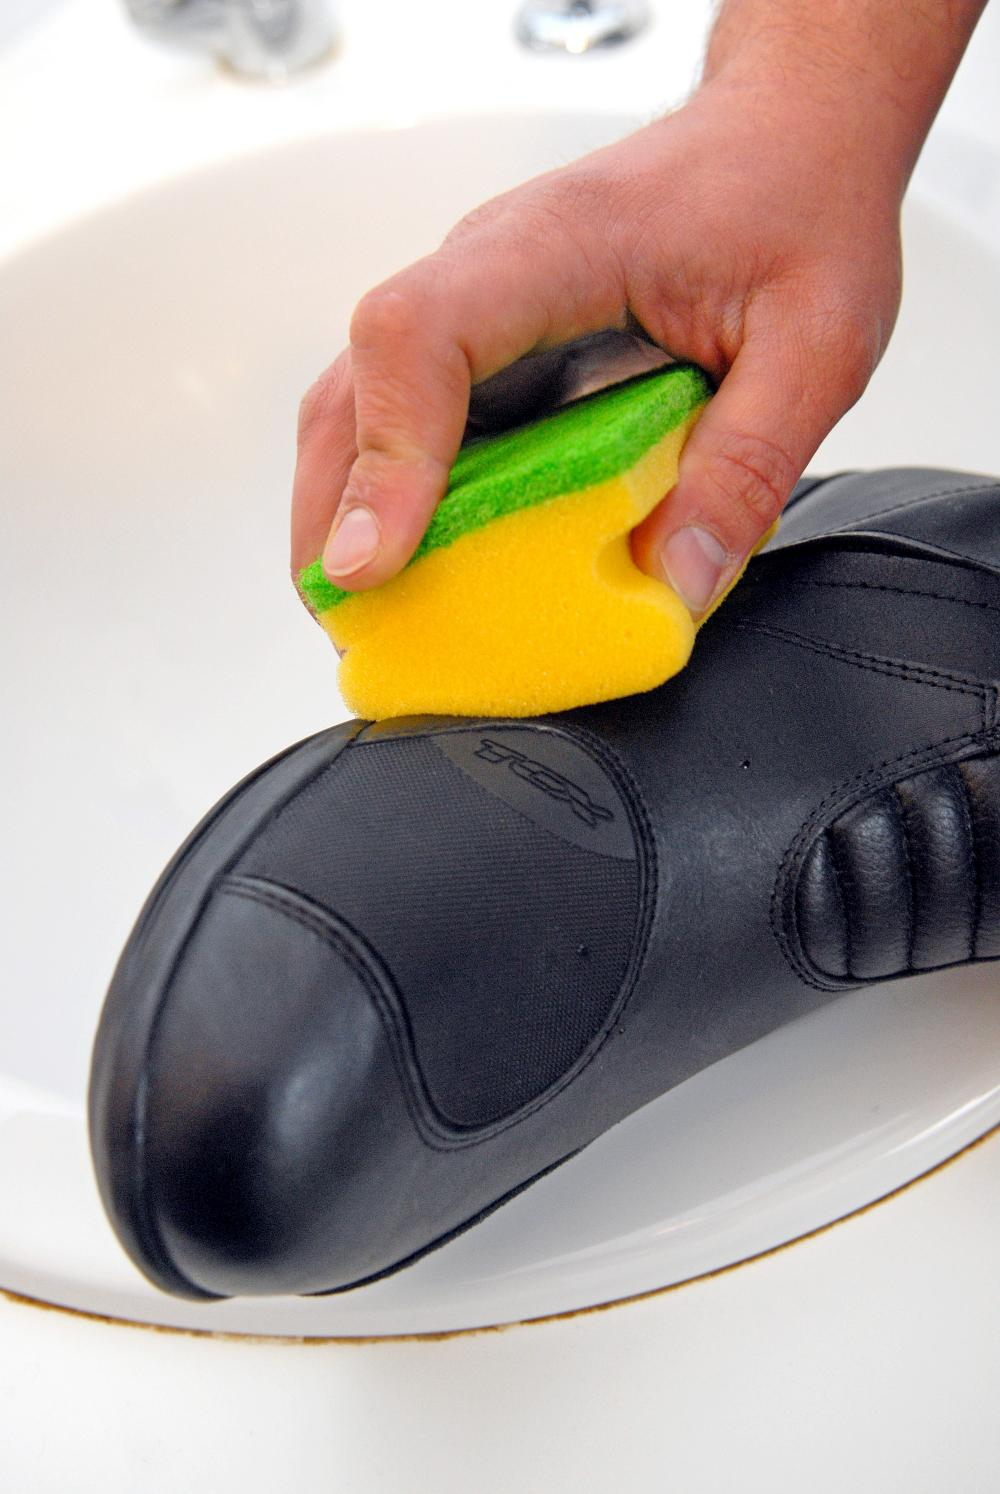 Macchie Di Unto Sulla Pelle lavaggio abbigliamento da moto: tecniche e consigli (anche